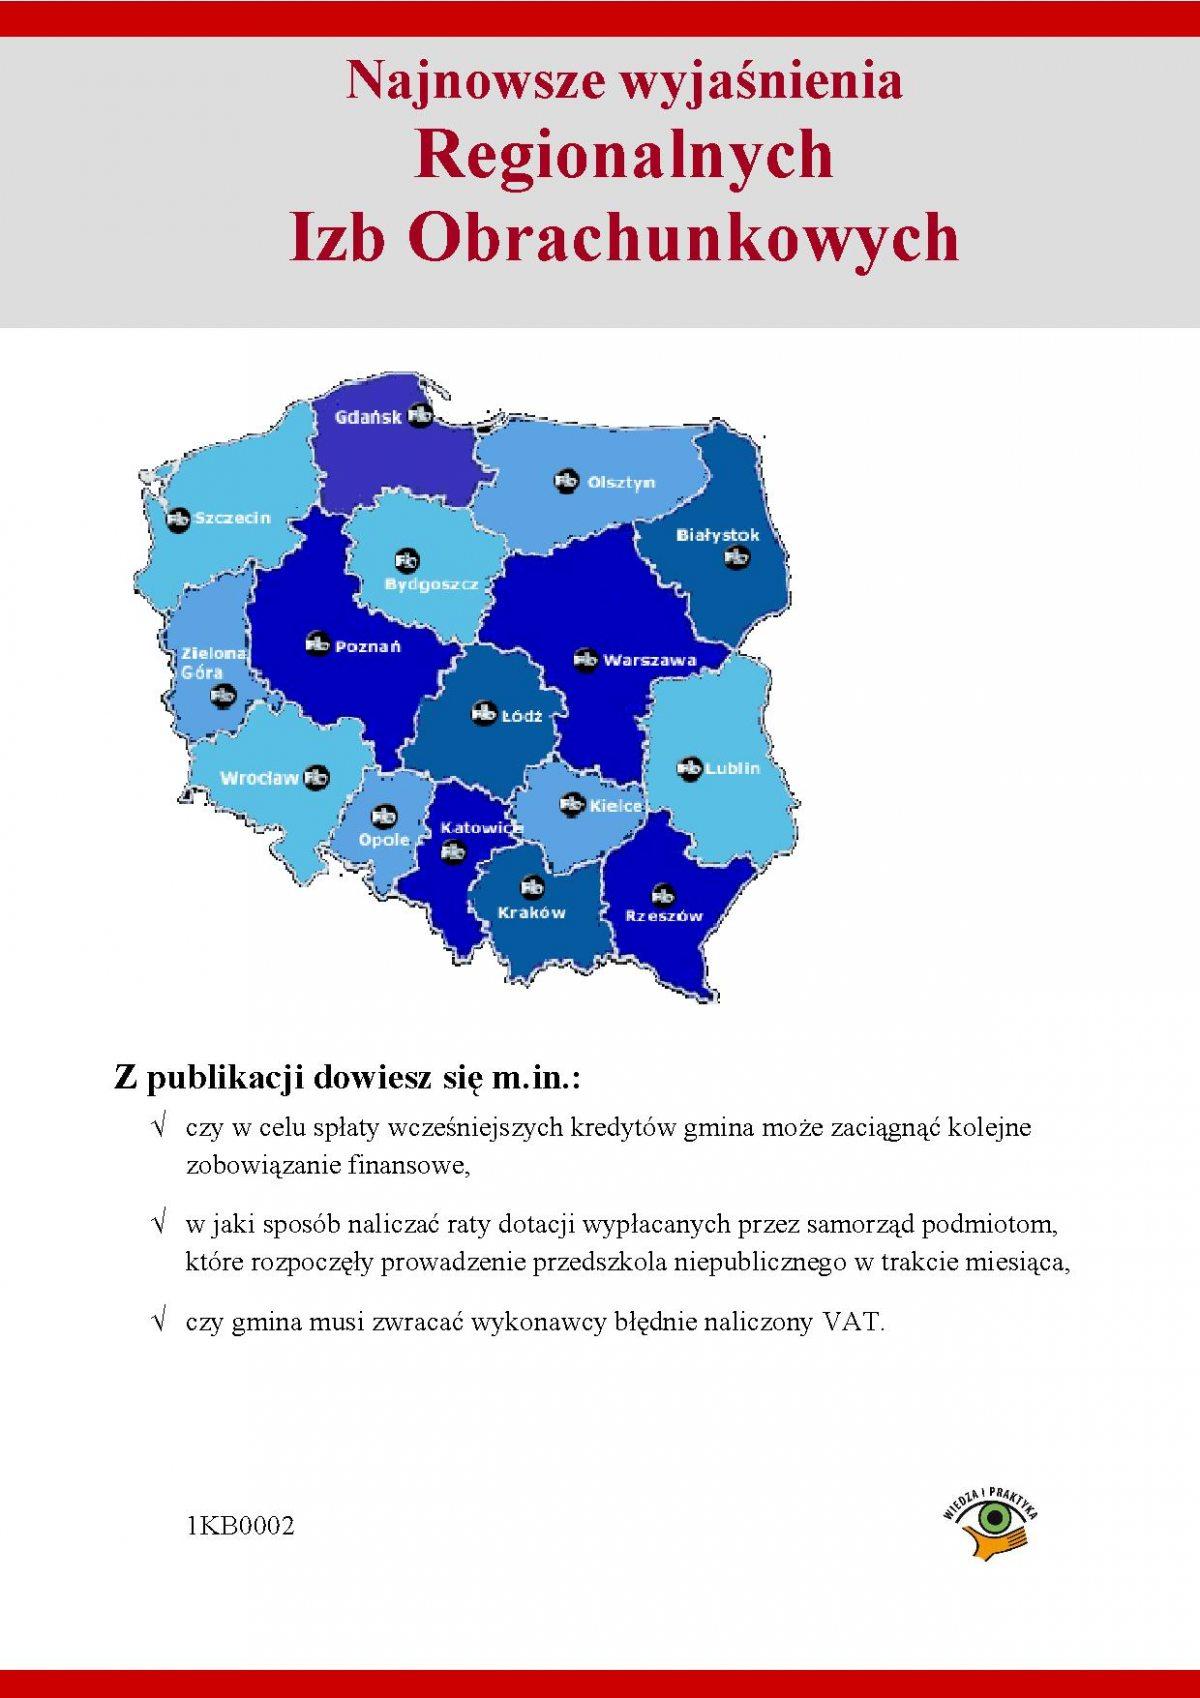 Najnowsze wyjaśnienia Regionalnych Izb Obrachunkowych - Ebook (Książka PDF) do pobrania w formacie PDF